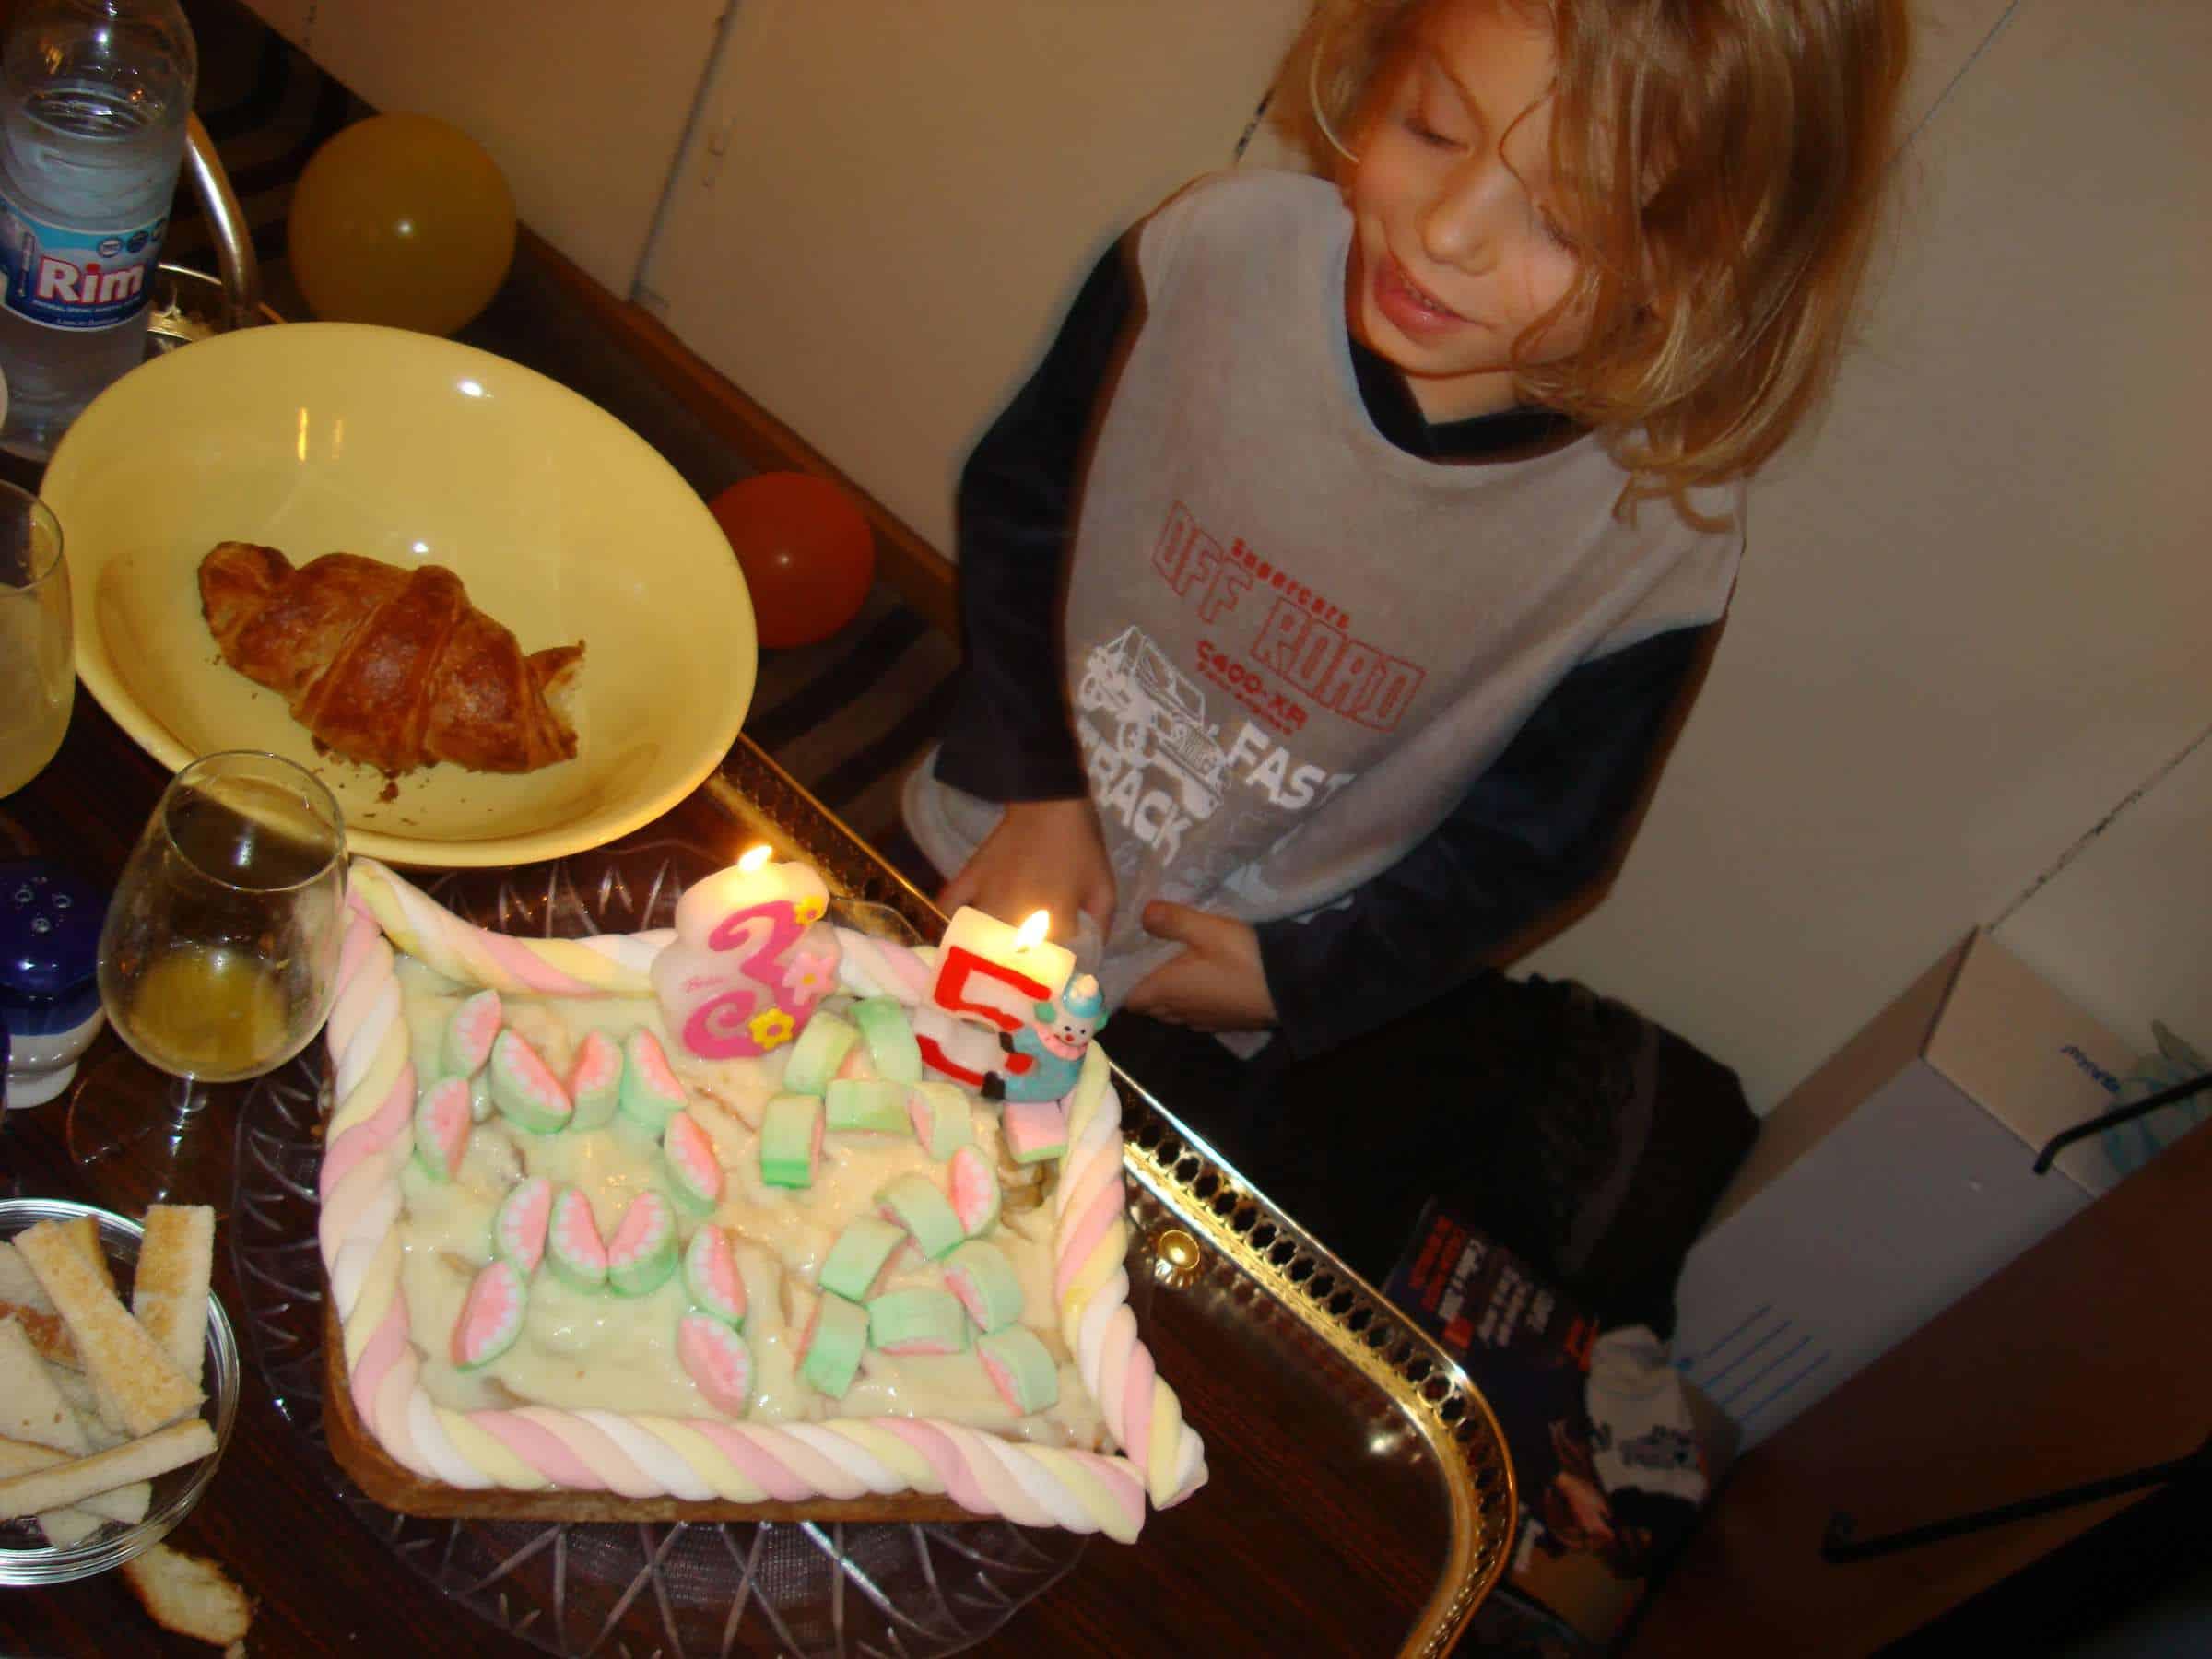 Zelf mijn taart gemaakt tijd terug. Trots! (c) Srsck